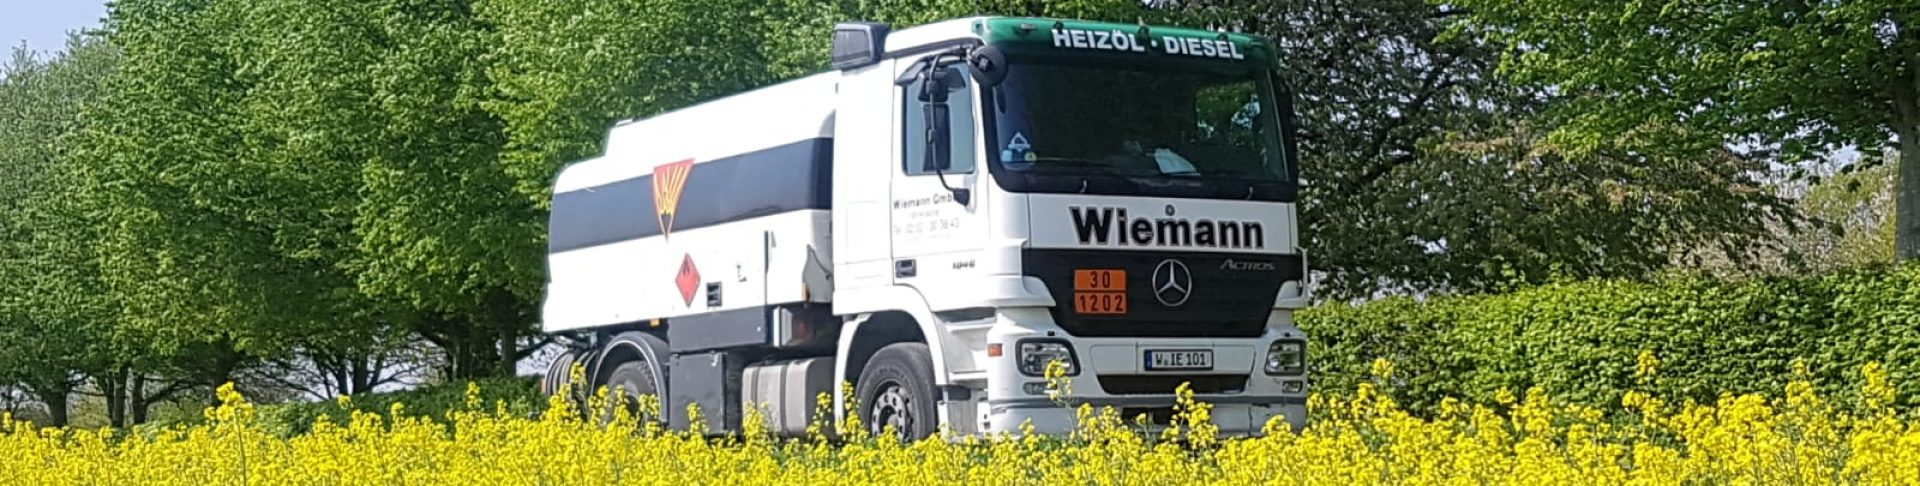 Wiemann-Öl